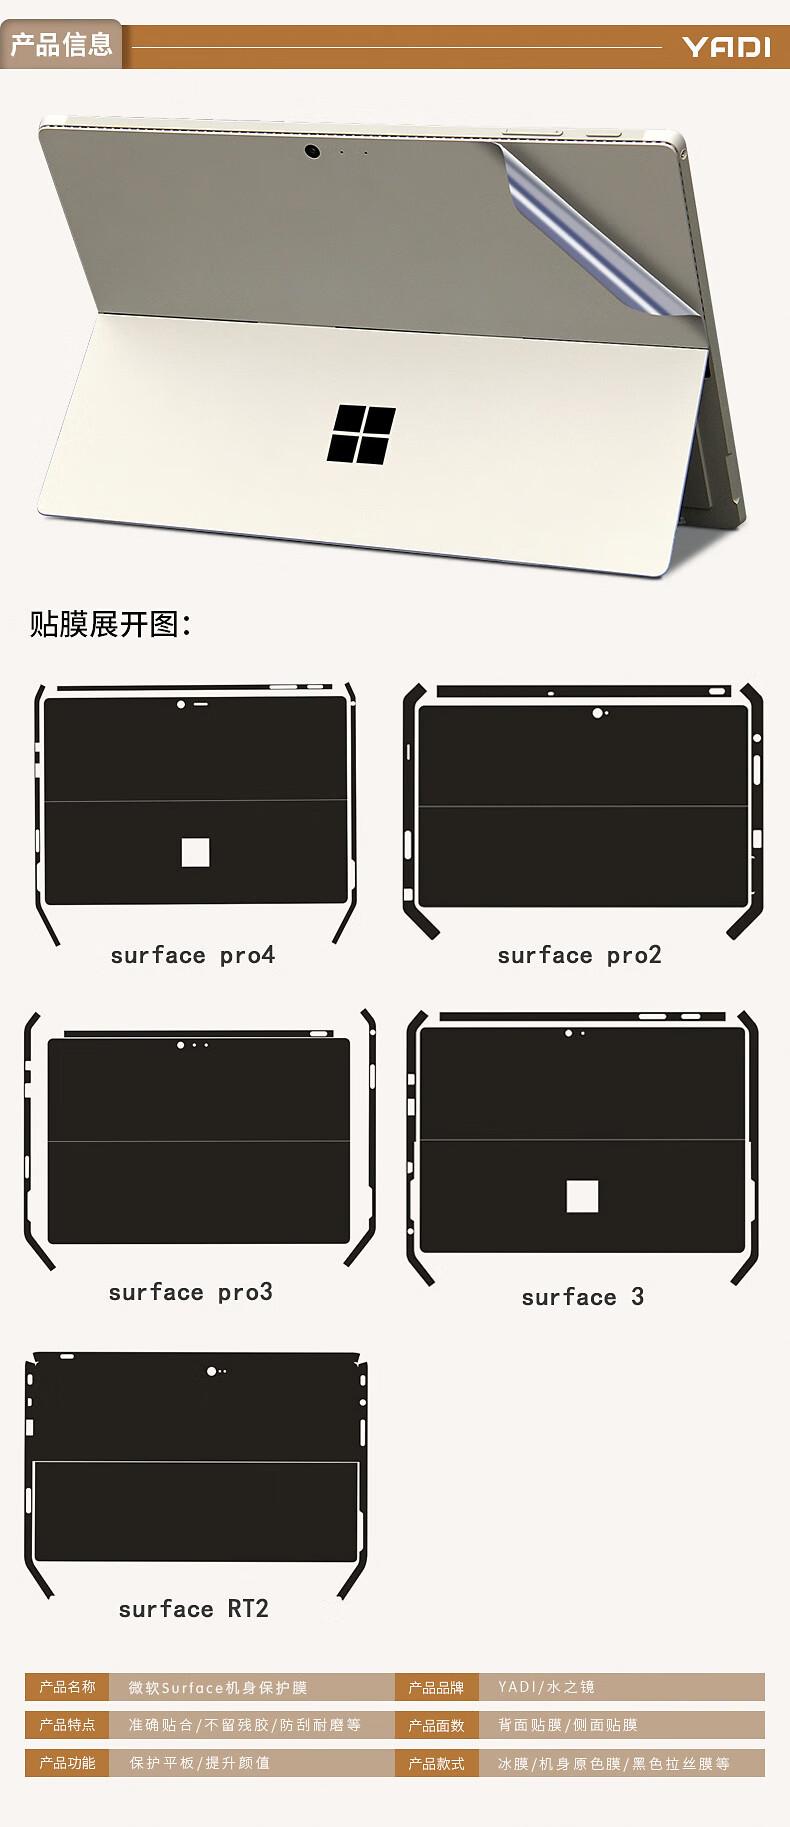 Dán surface  surfacepro6pro3pro4pro52laptop Surface pro6 HWY1980570036823150 - ảnh 2